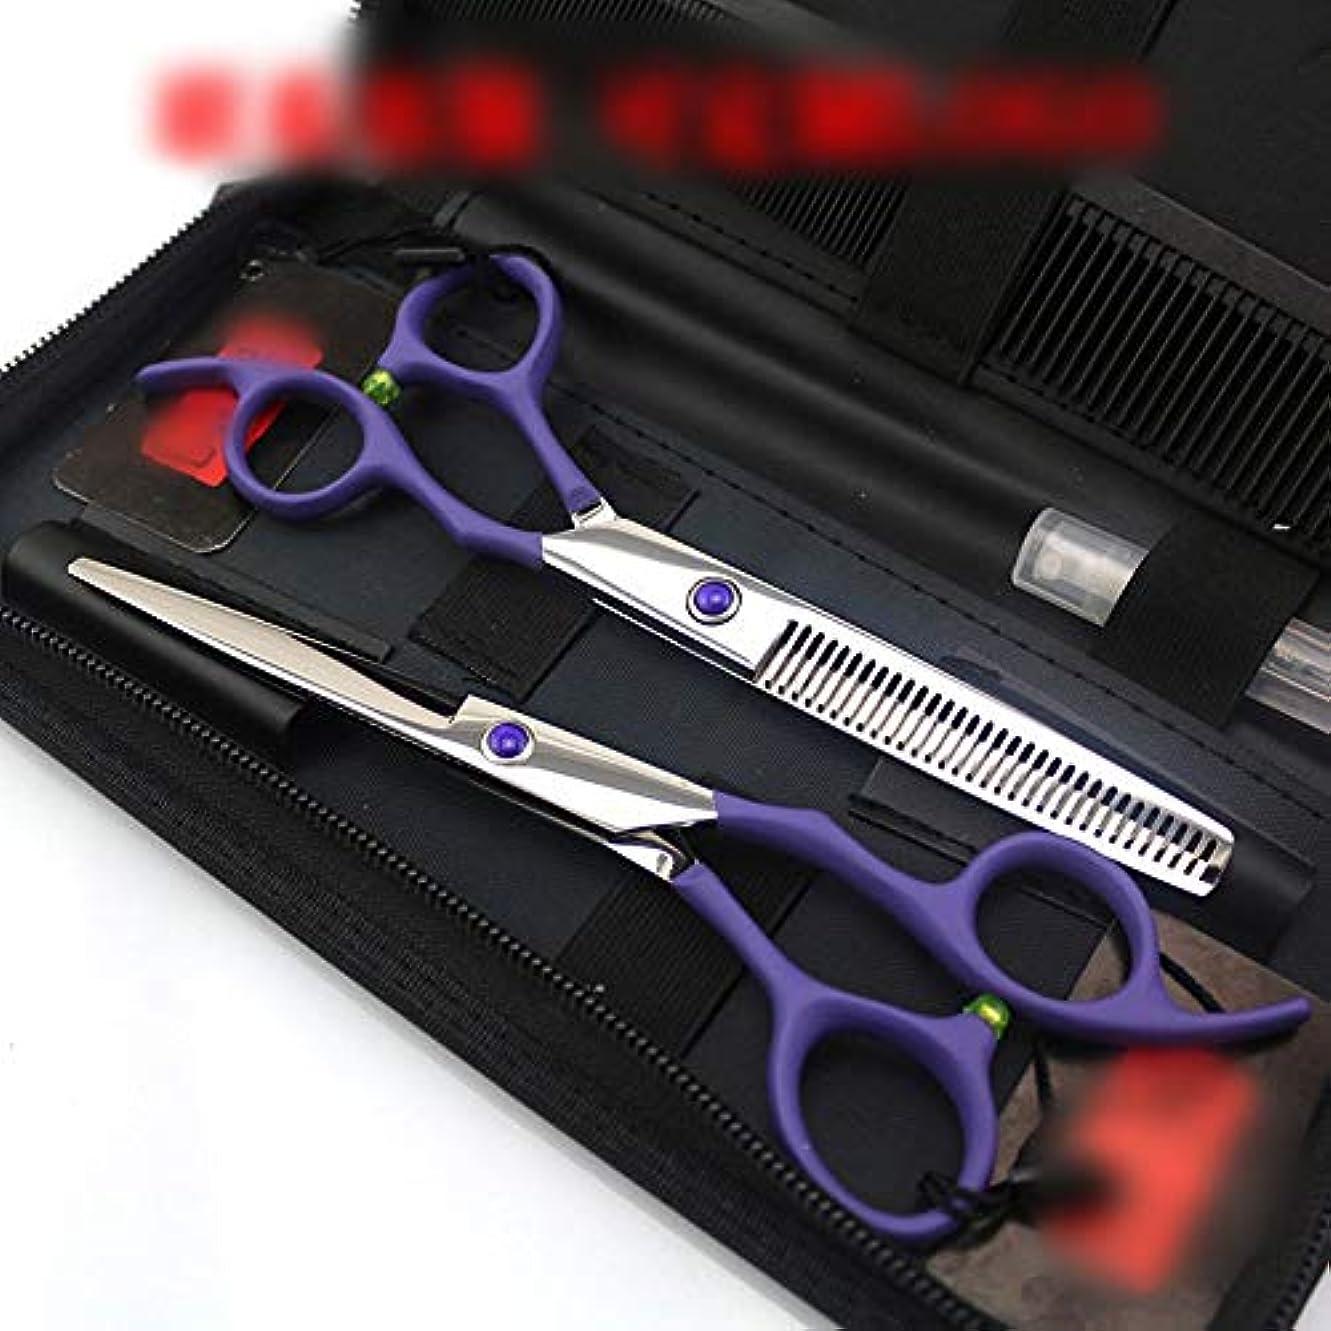 ハリケーン国籍ここに6.0インチの紫色の専門の理髪はさみ、平はさみ+歯のせん断の美容院はさみ理髪道具セット ヘアケア (色 : 紫の)